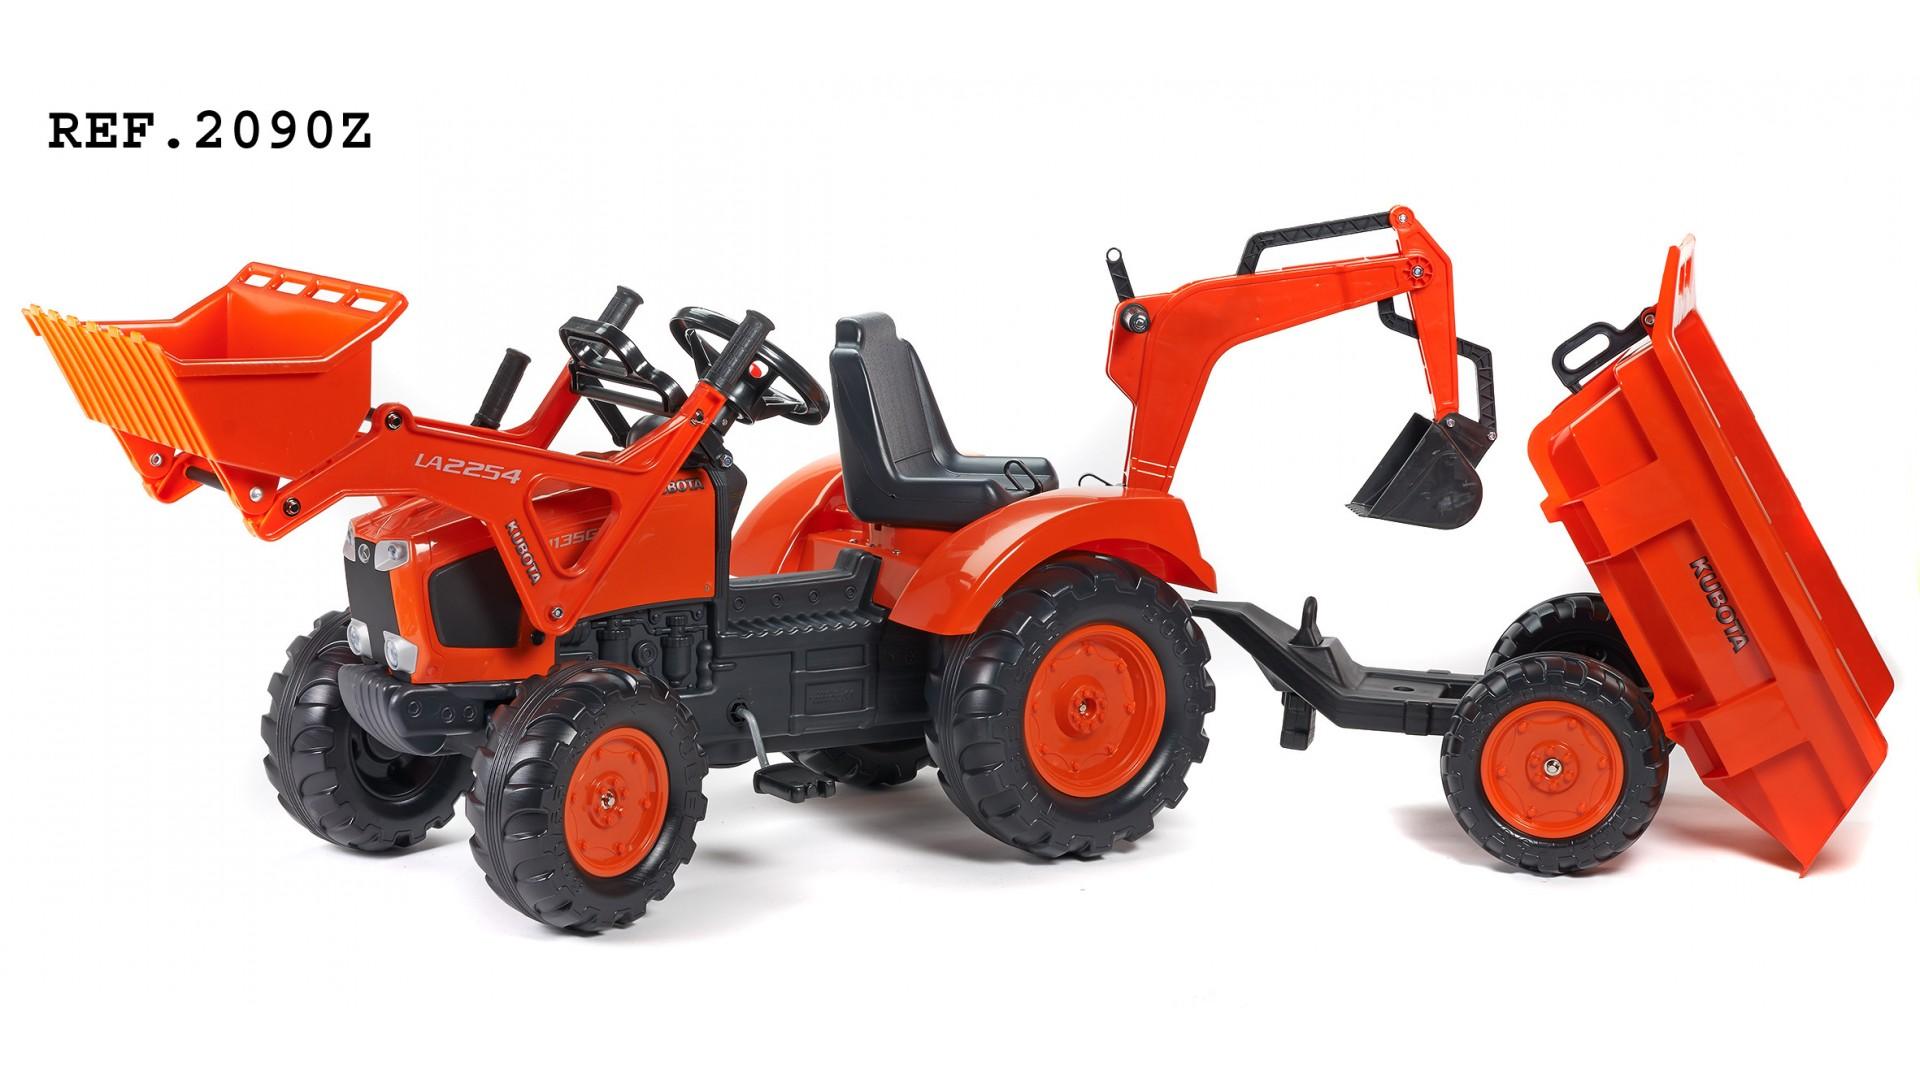 Трактор-экскаватор педальный с прицепом, красный 219 см - Педальные машины и трактора, артикул: 168971